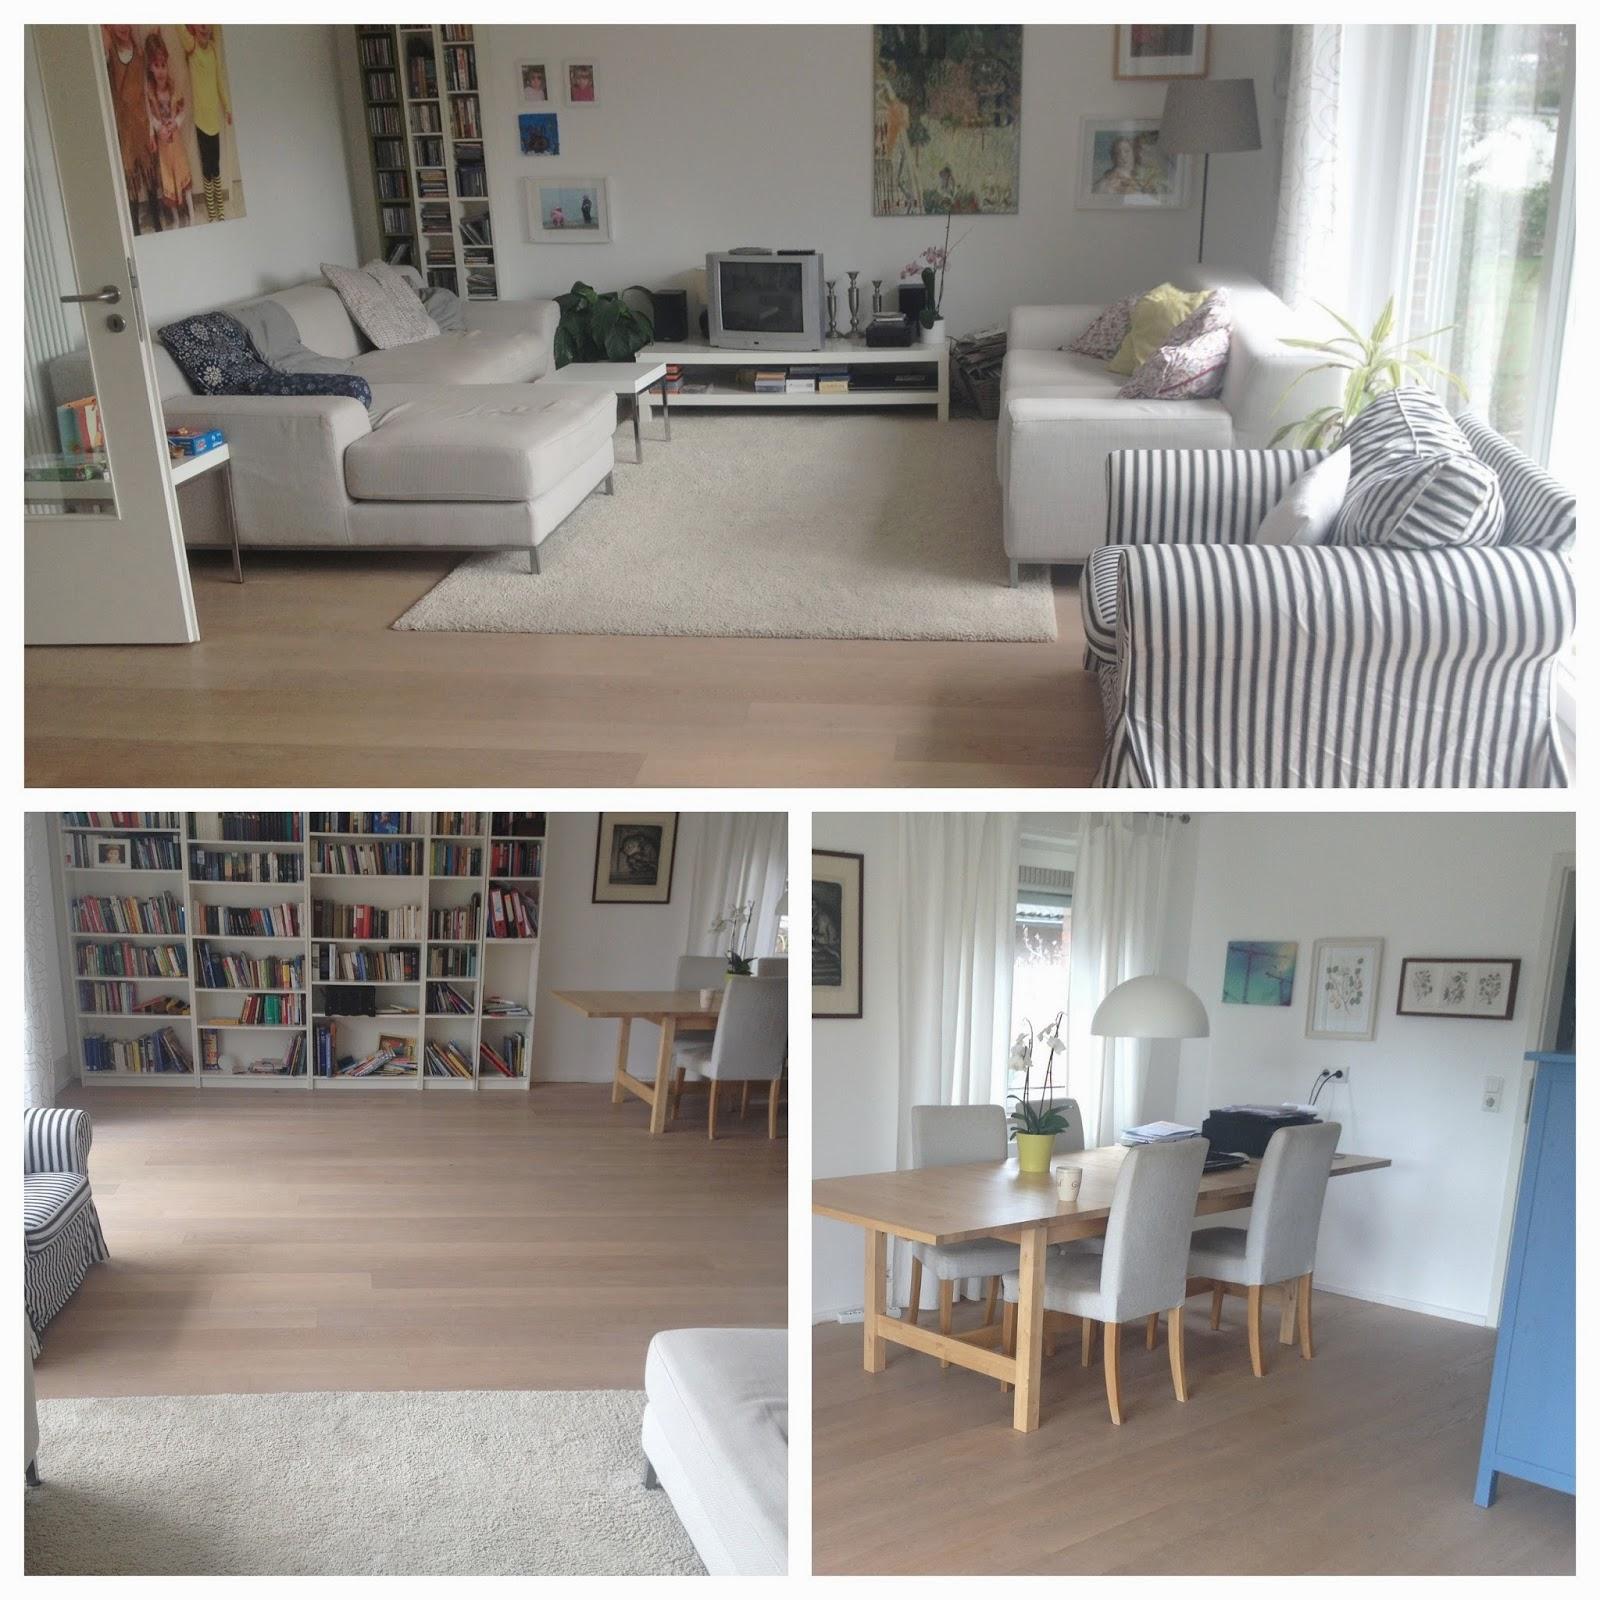 Wohnzimmer Farblich Neu Gestalten